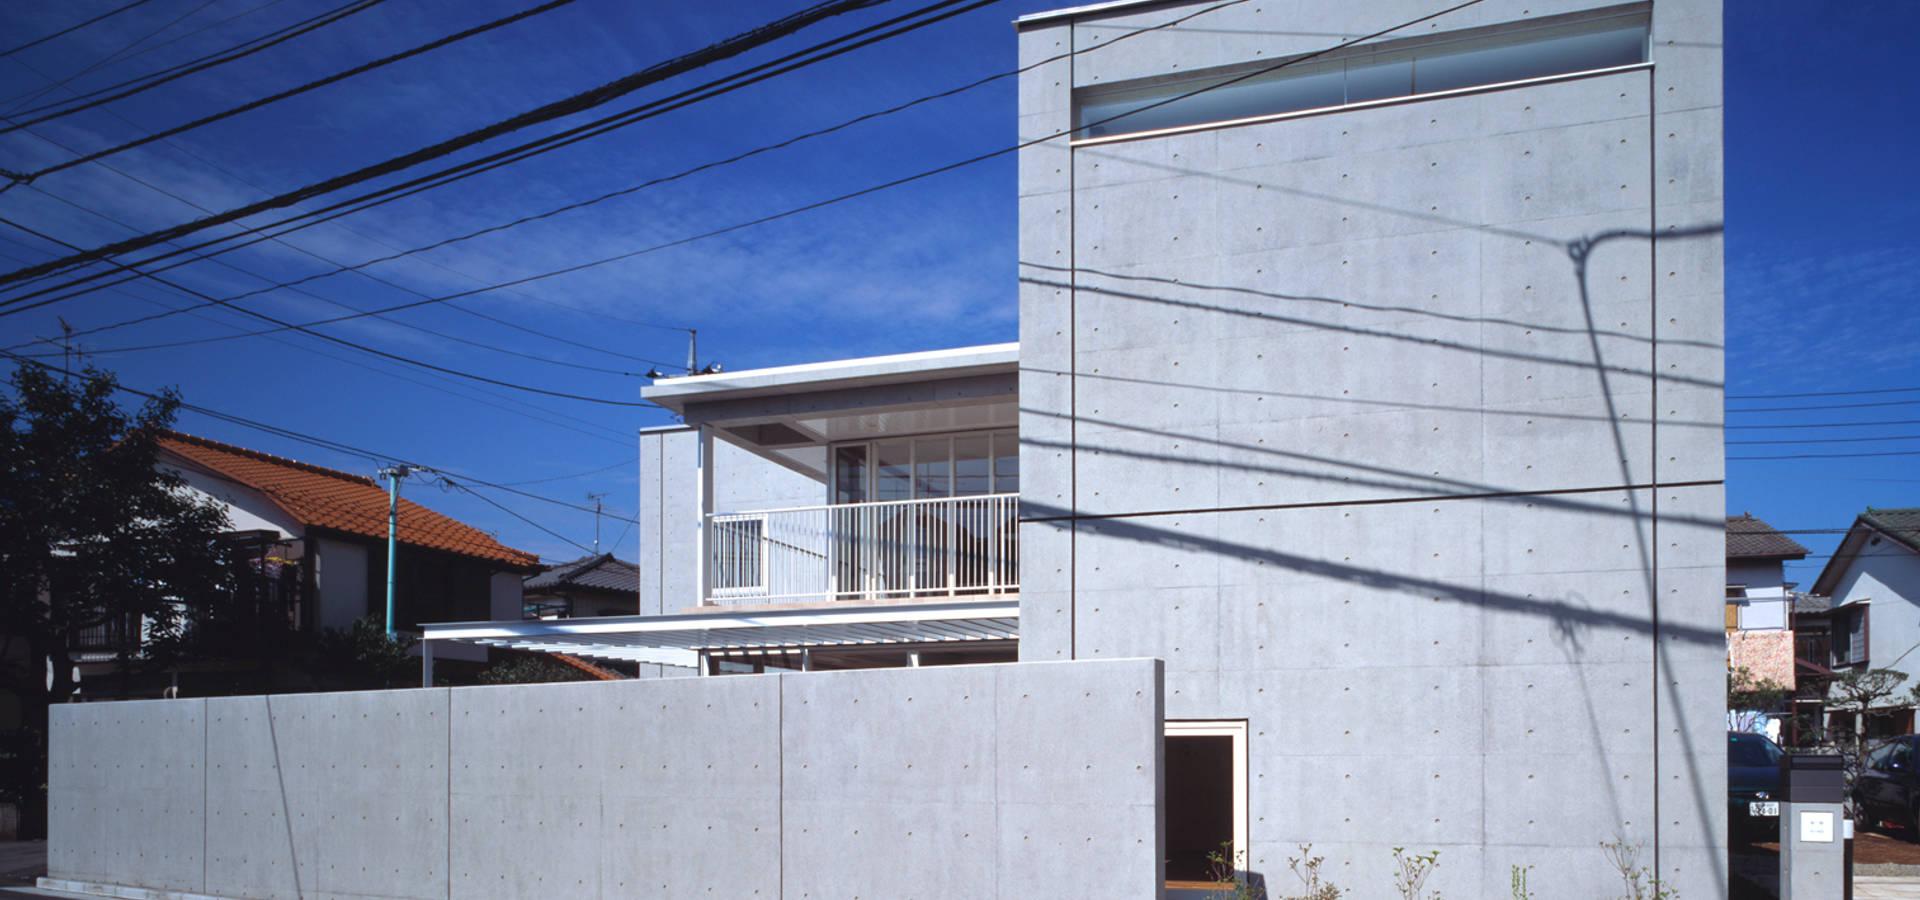 新野裕之建築設計 Hiroyuki Niino Architecture